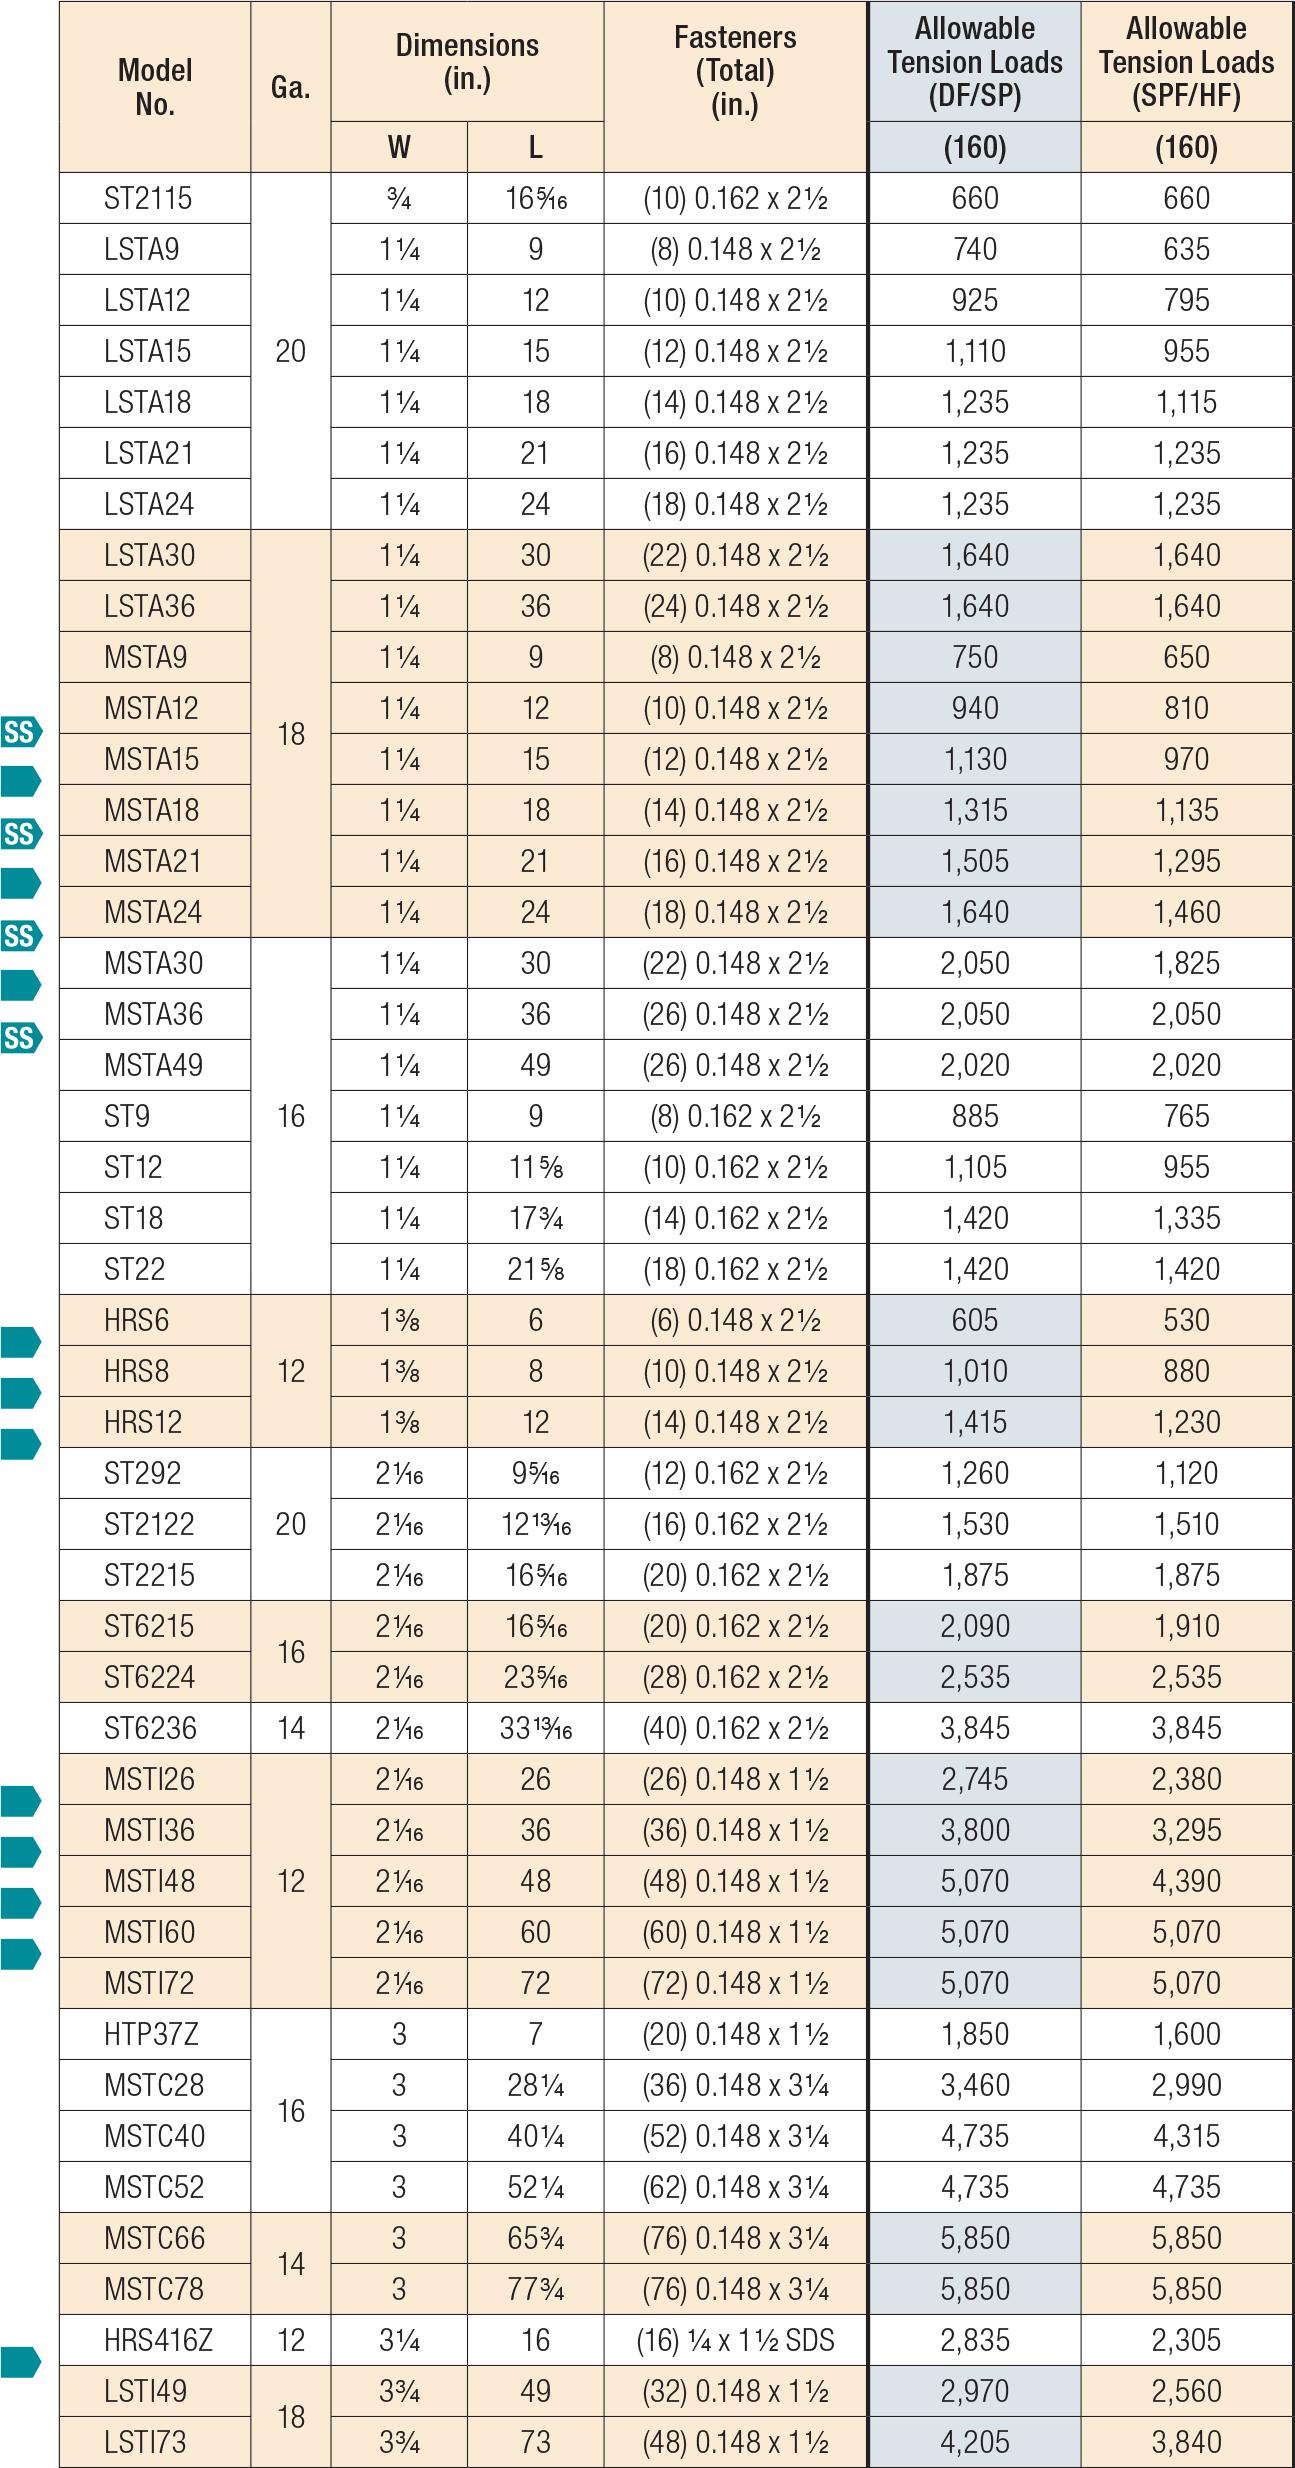 HRS/ST/HTP/LSTA/LSTI/MST/MSTA/MSTC/MSTI Strap Ties Load Table